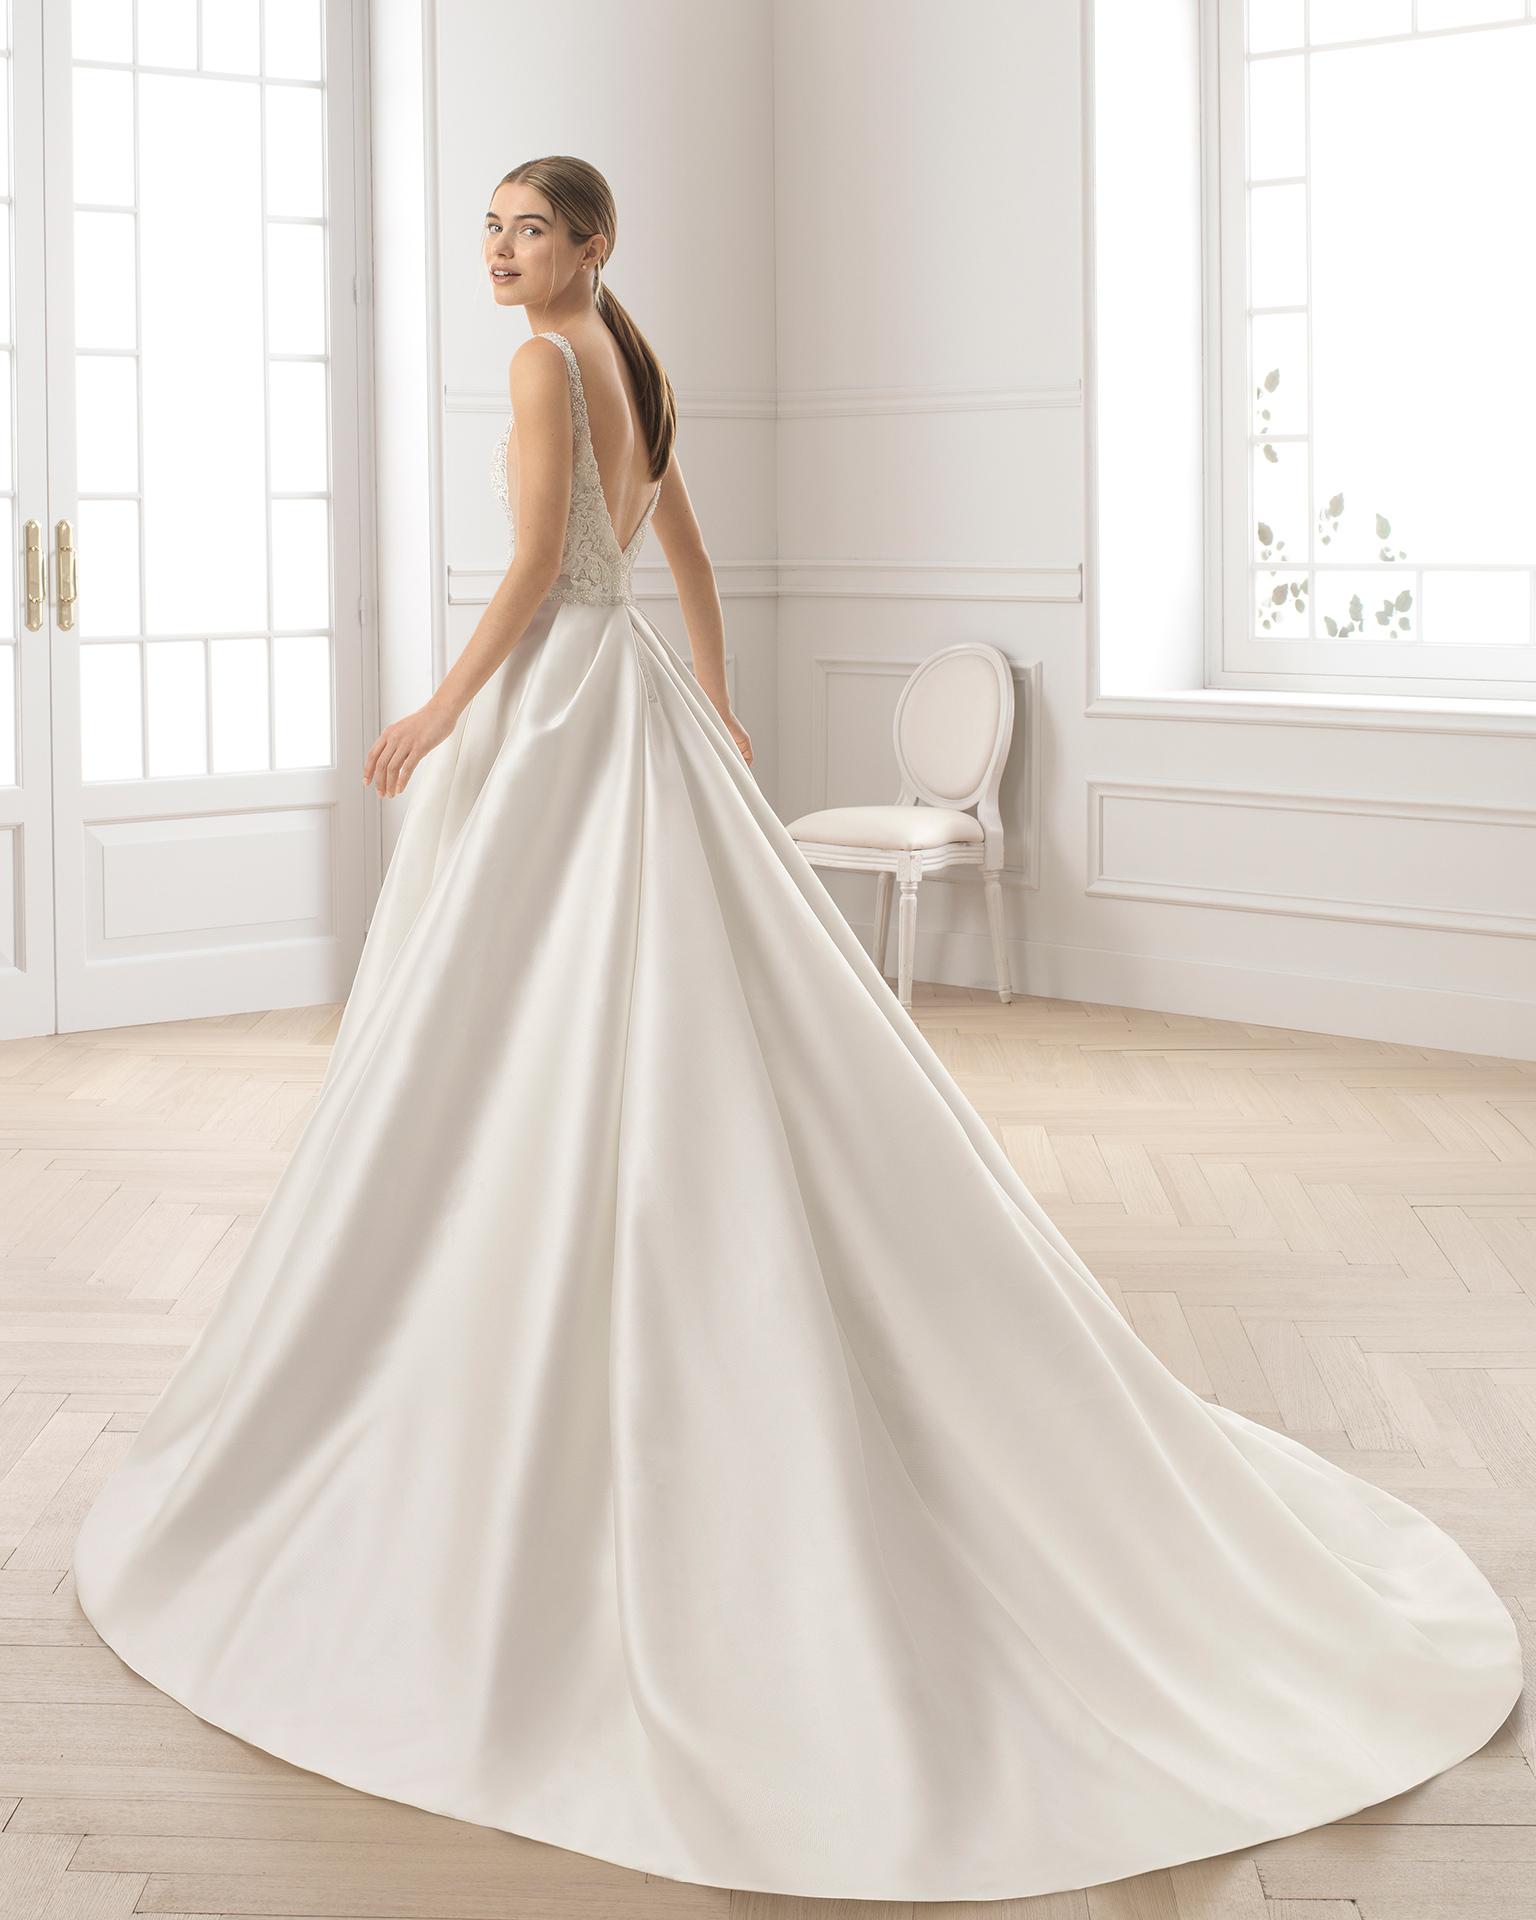 Robe de mariée style trapèze en tamis et dentelle avec pierreries. Col et dos en V. Disponible en couleur naturelle. Collection AIRE BARCELONA 2019.